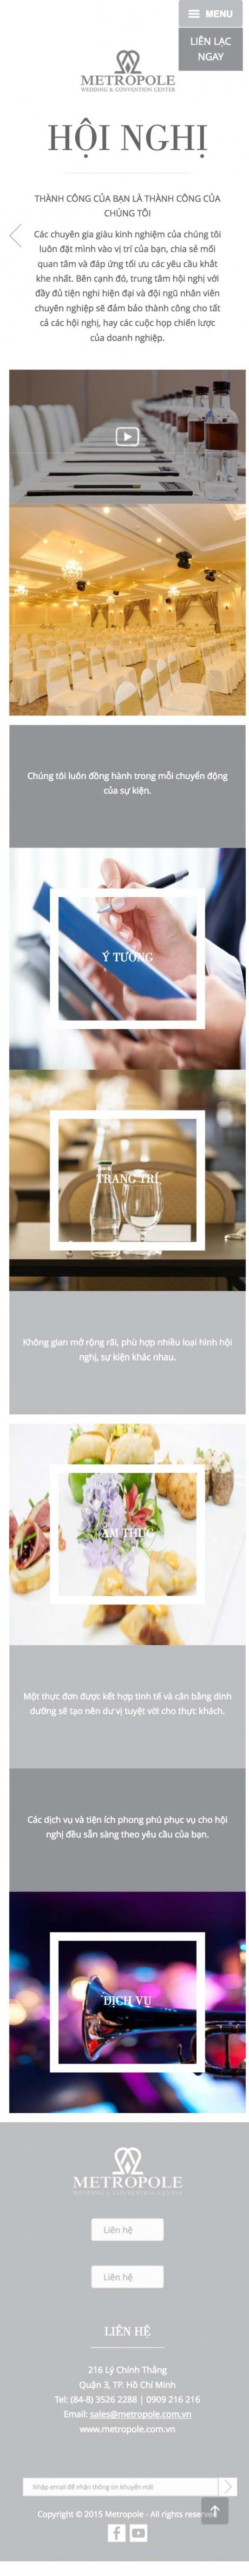 Thiết kế web nhà hàng trung tâm hội nghị tiệc cưới Metropole trên mobile